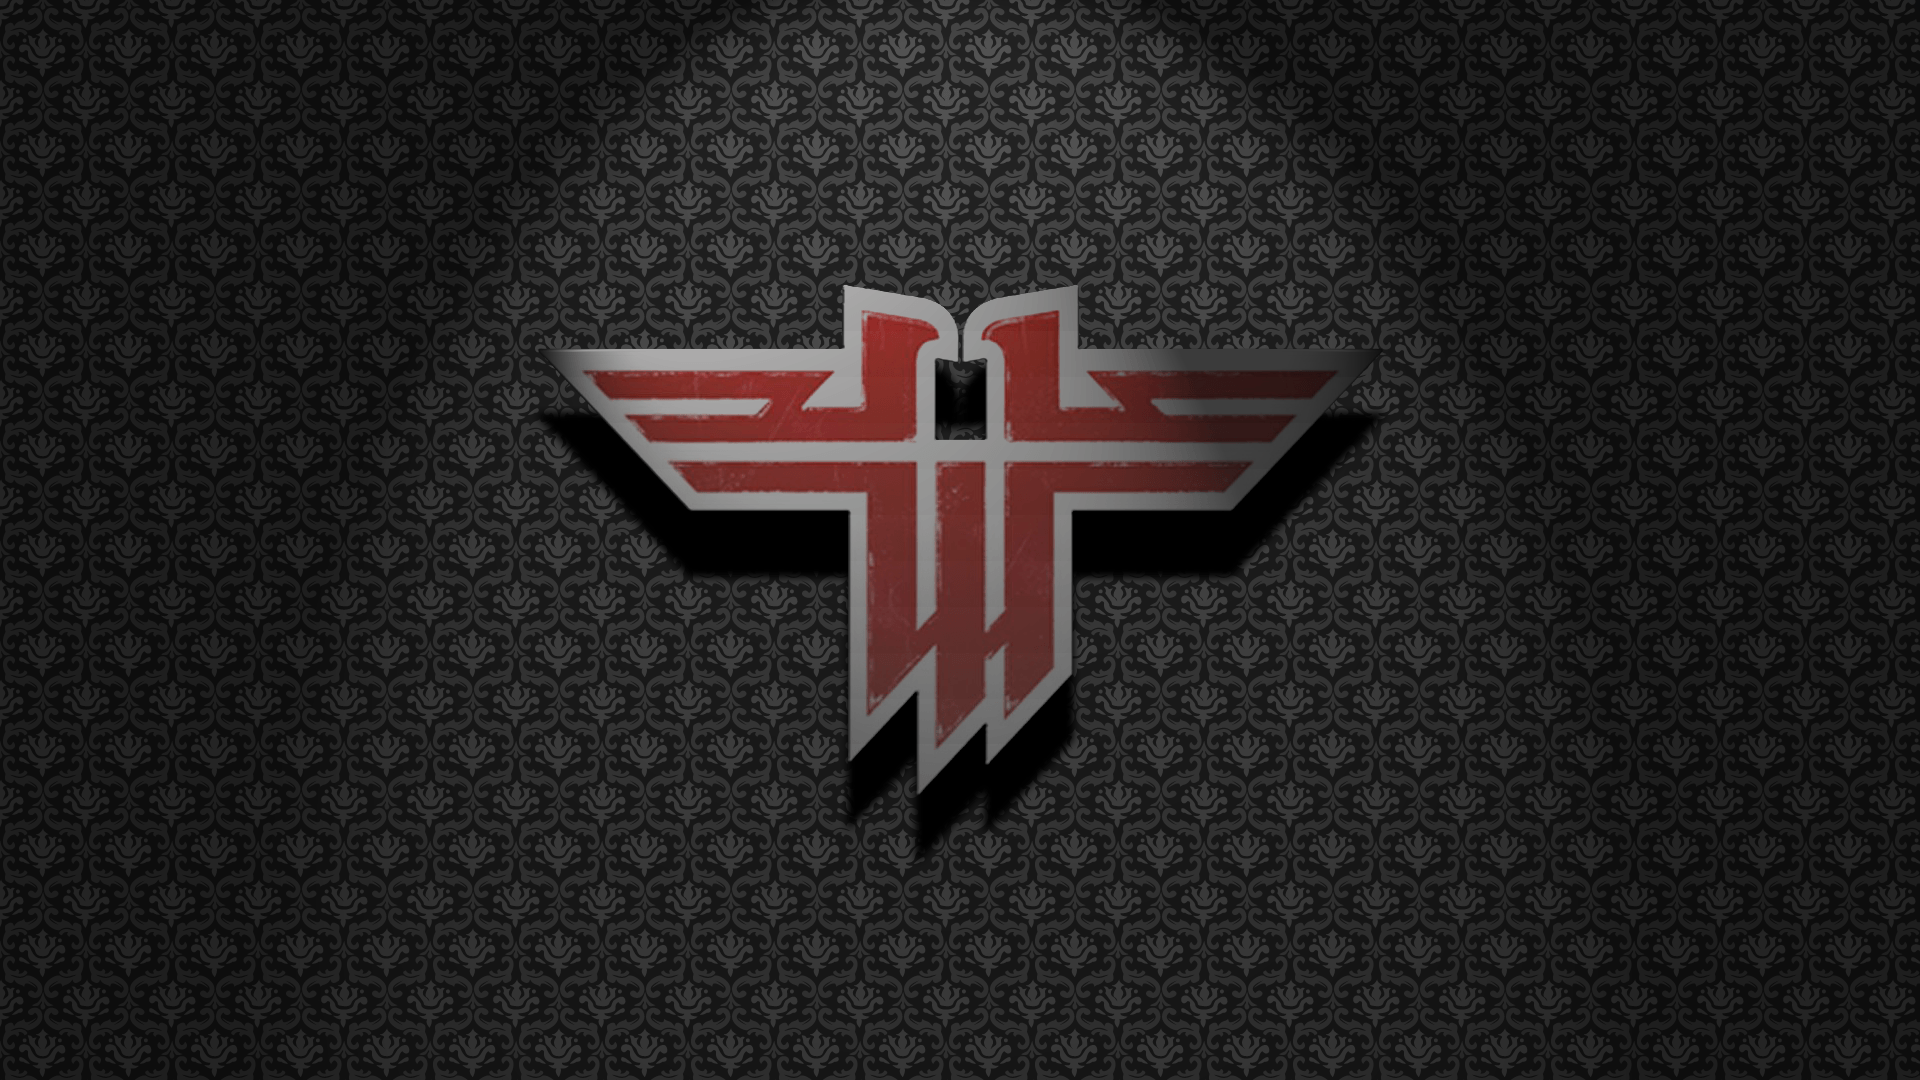 Wolfenstein Wallpapers Top Free Wolfenstein Backgrounds